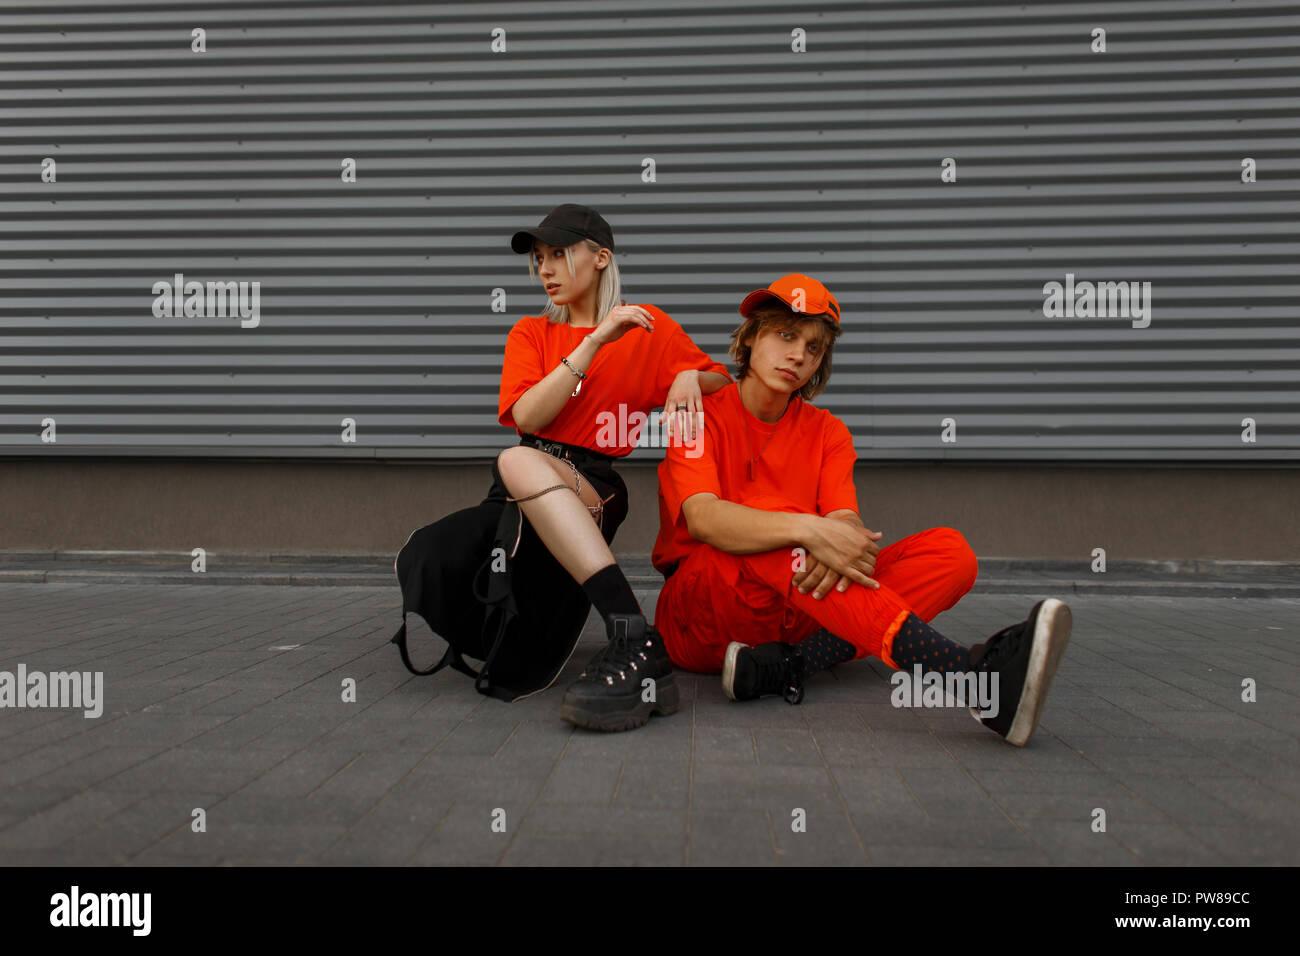 deea911ec1 Elegante coppia giovane con tappi nel quartiere alla moda di vestiti ...